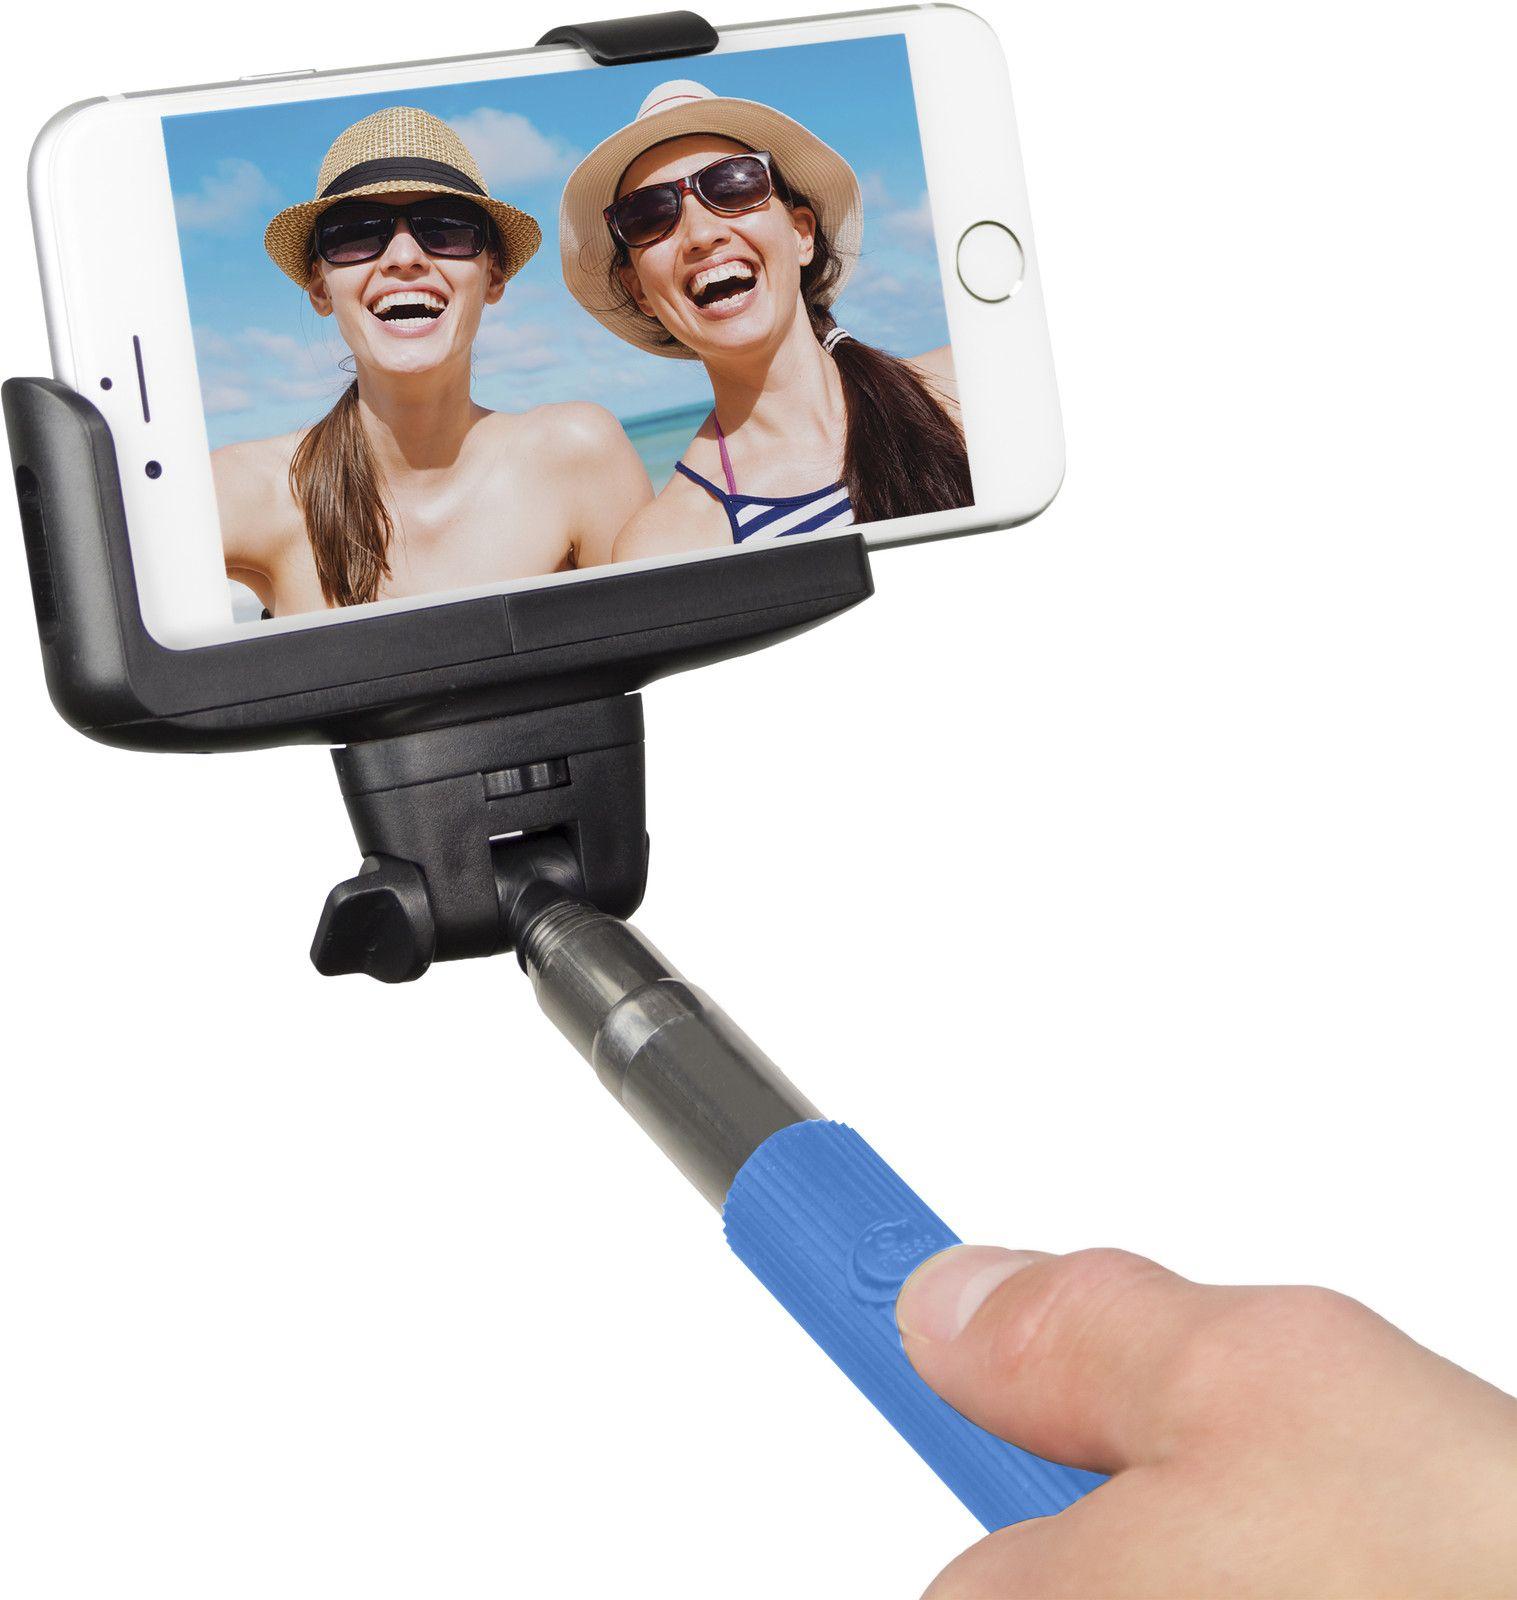 Kitvision Selfie Stick 23-110 cm (iPhone) - Blå